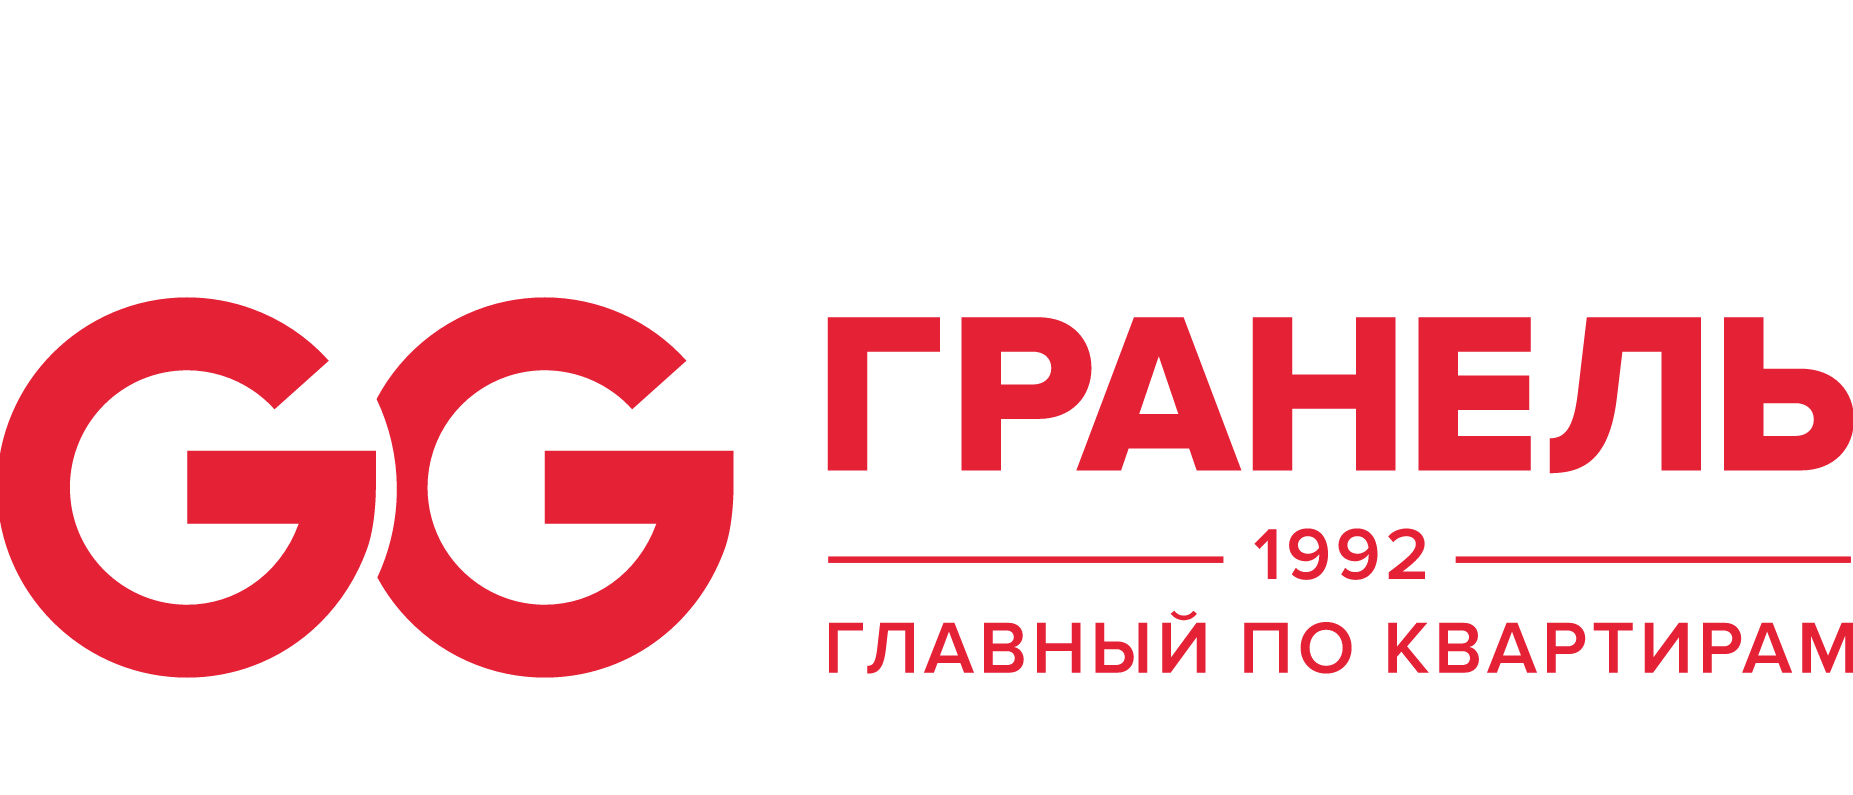 Гранель